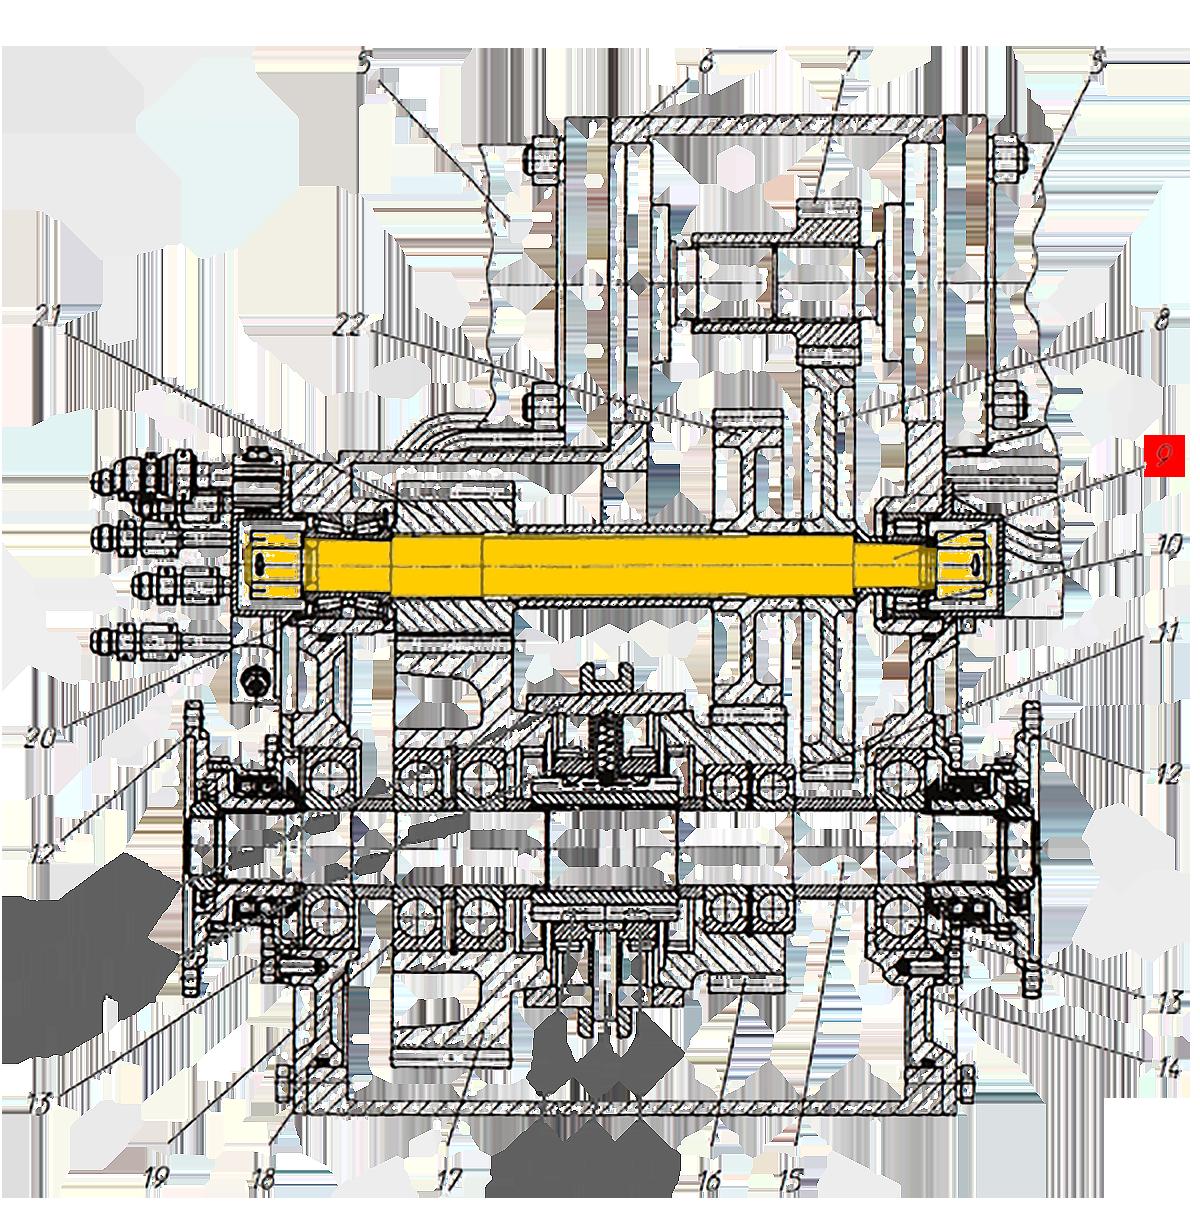 Вал промежуточный Э20.01.02.086-1 коробки передач ЭО-33211